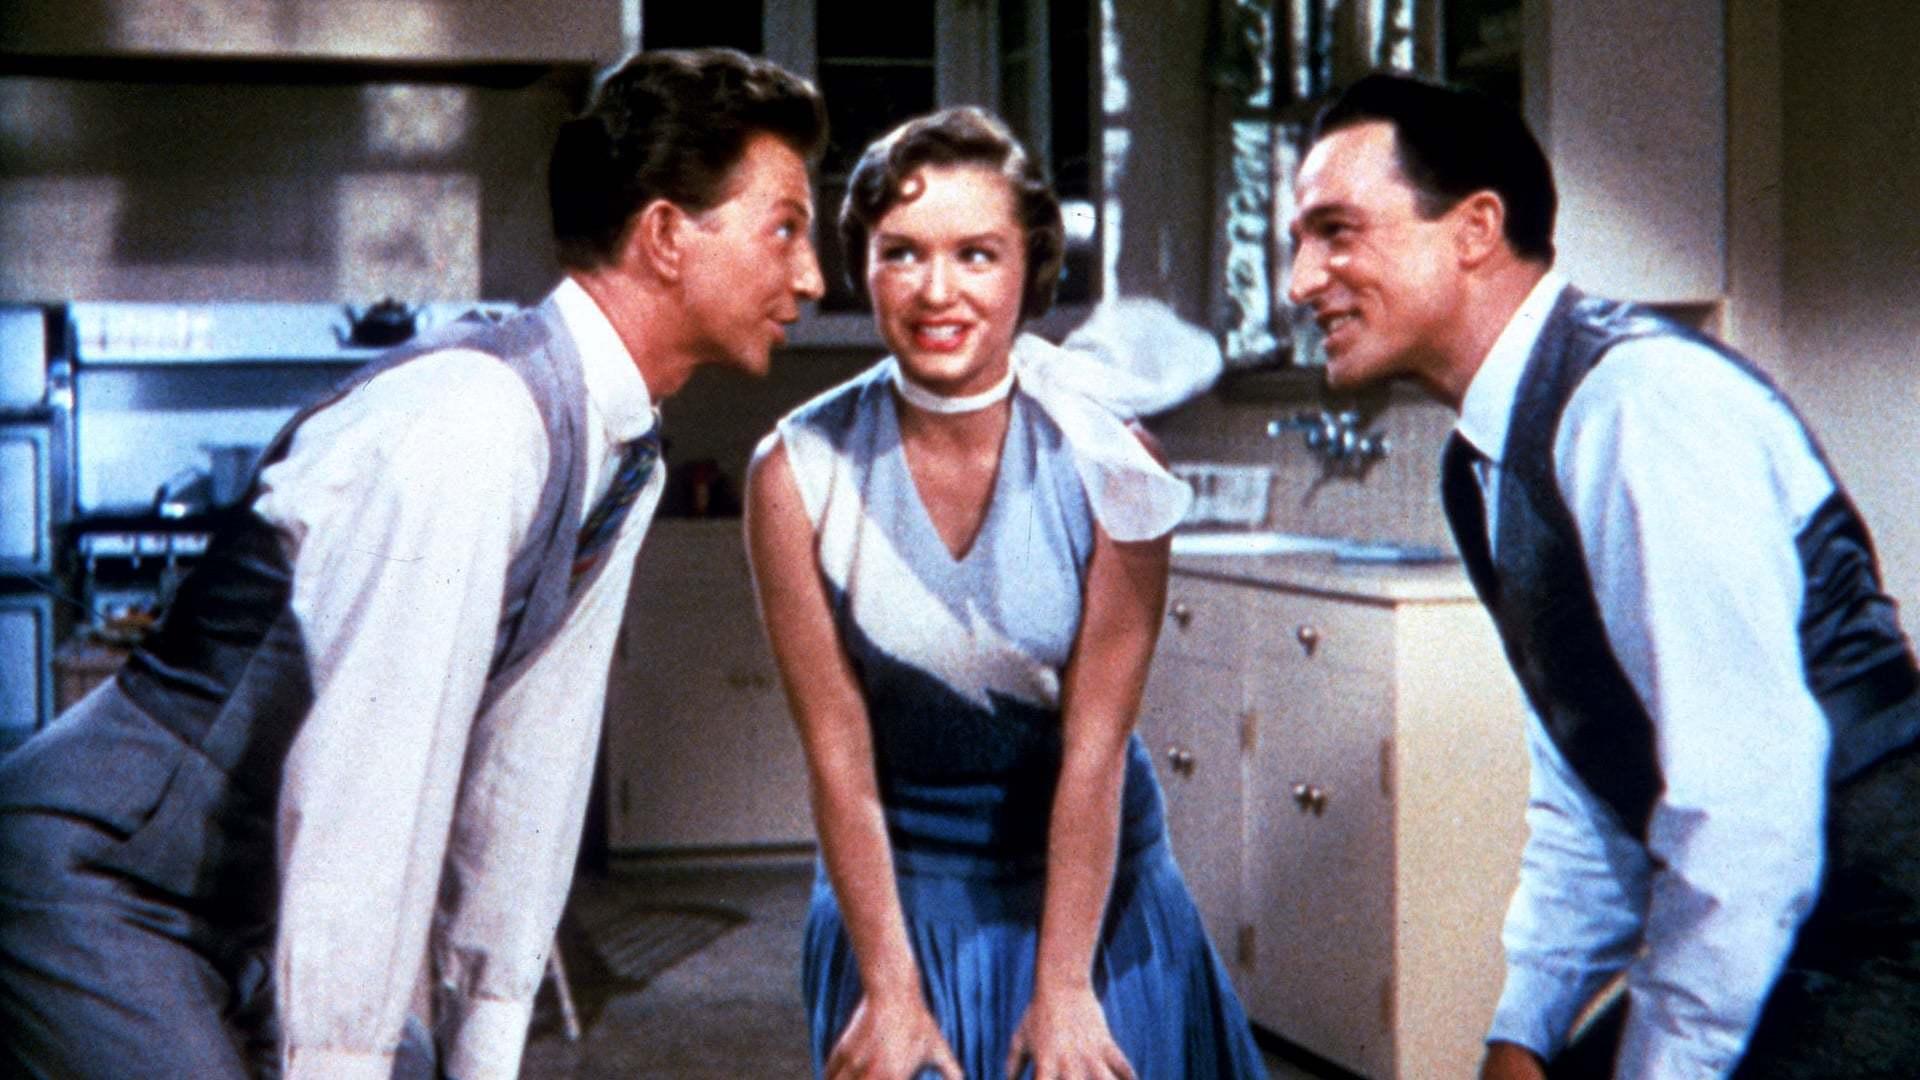 Кадры из фильма Поющие под дождем Singin' in the Rain 1952